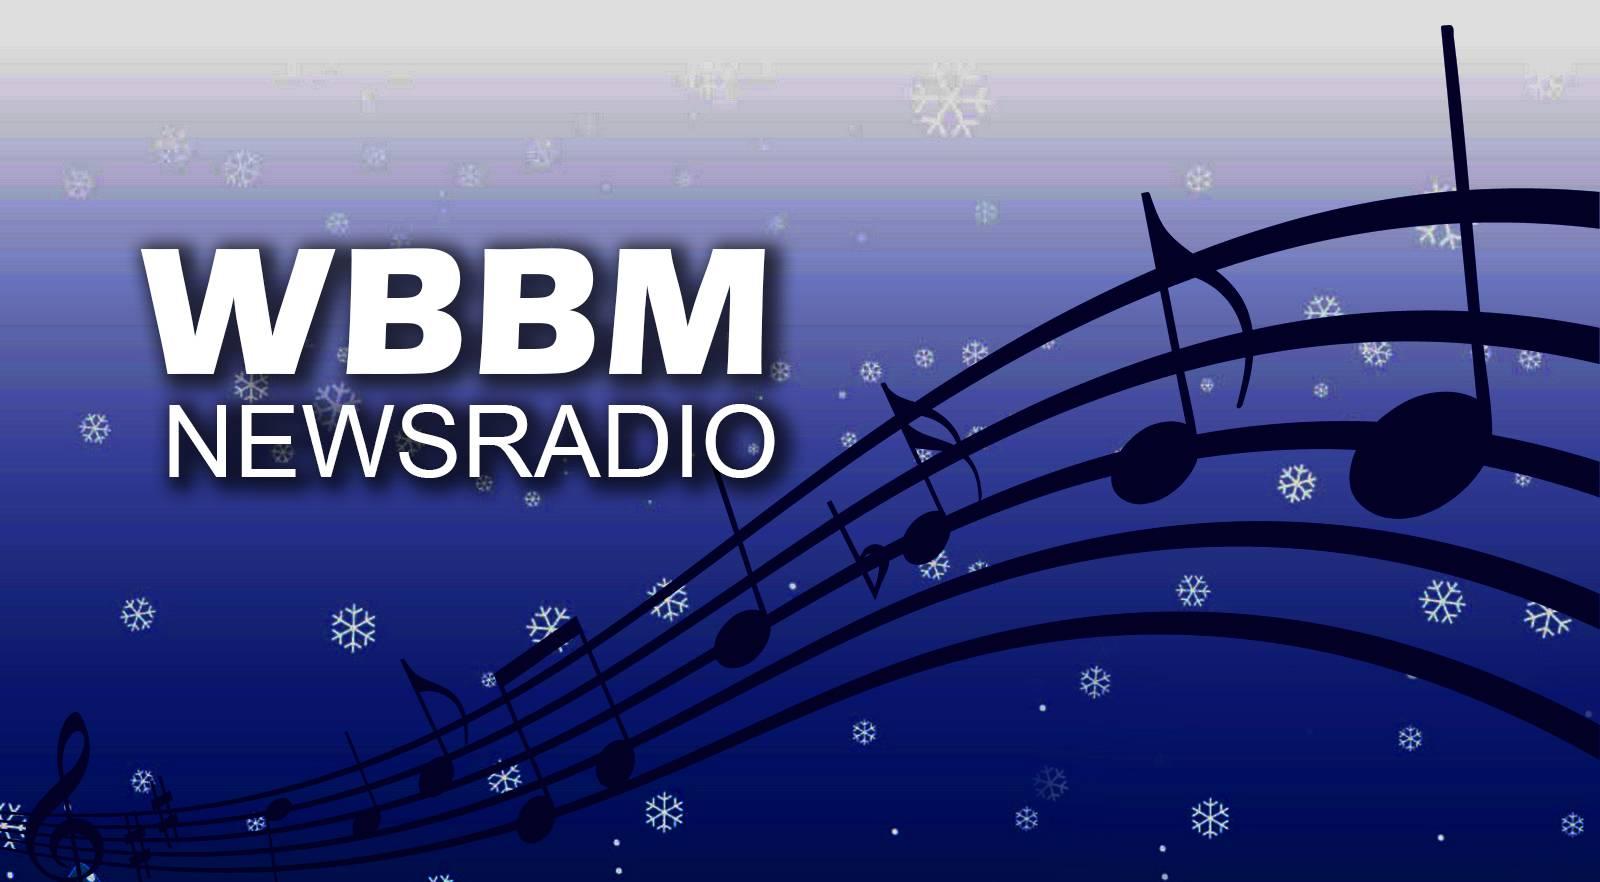 WBBM-FM 96.3